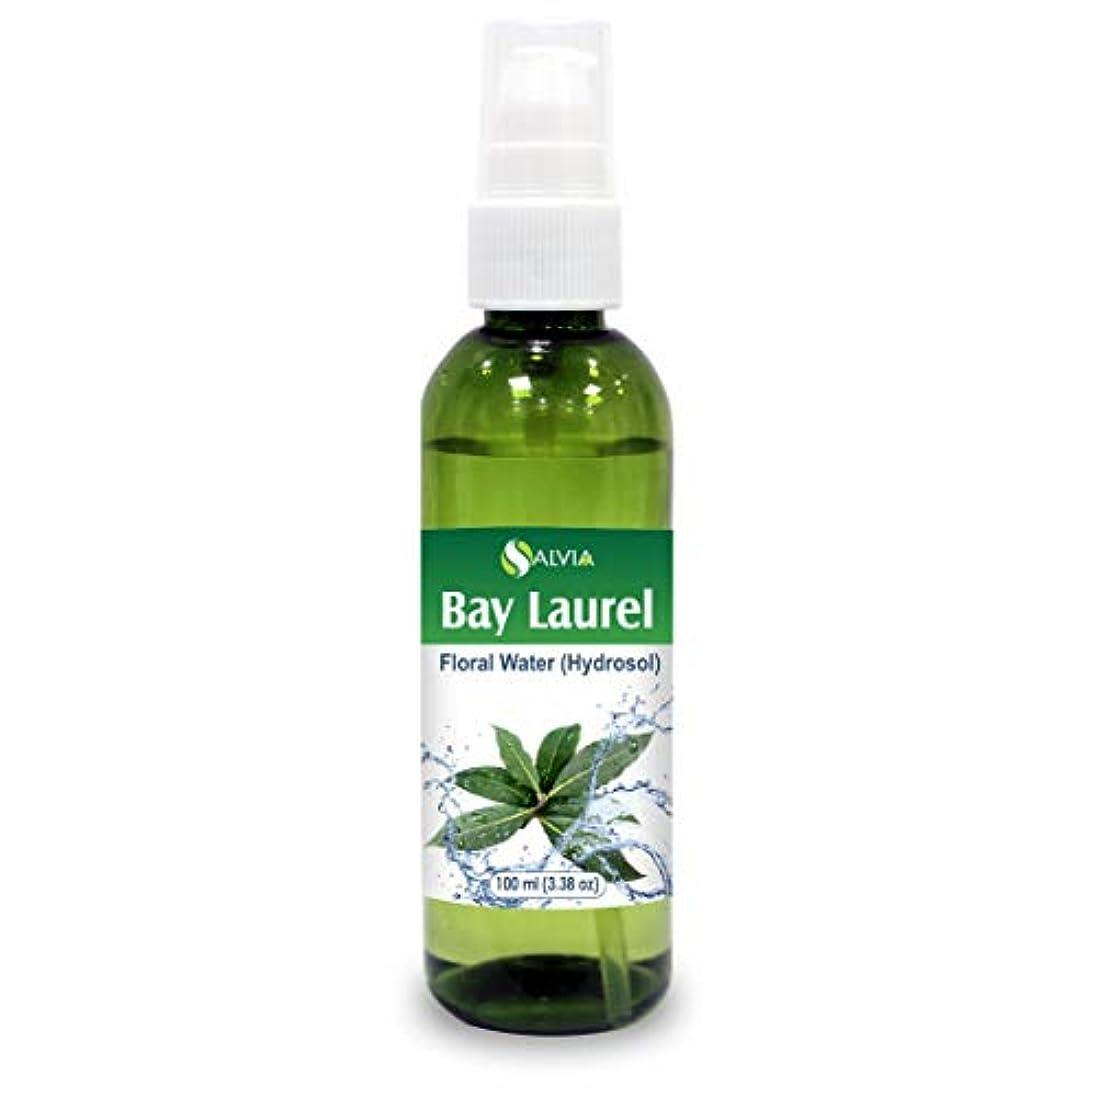 横に強化口述するBay Laurel Floral Water 100ml (Hydrosol) 100% Pure And Natural